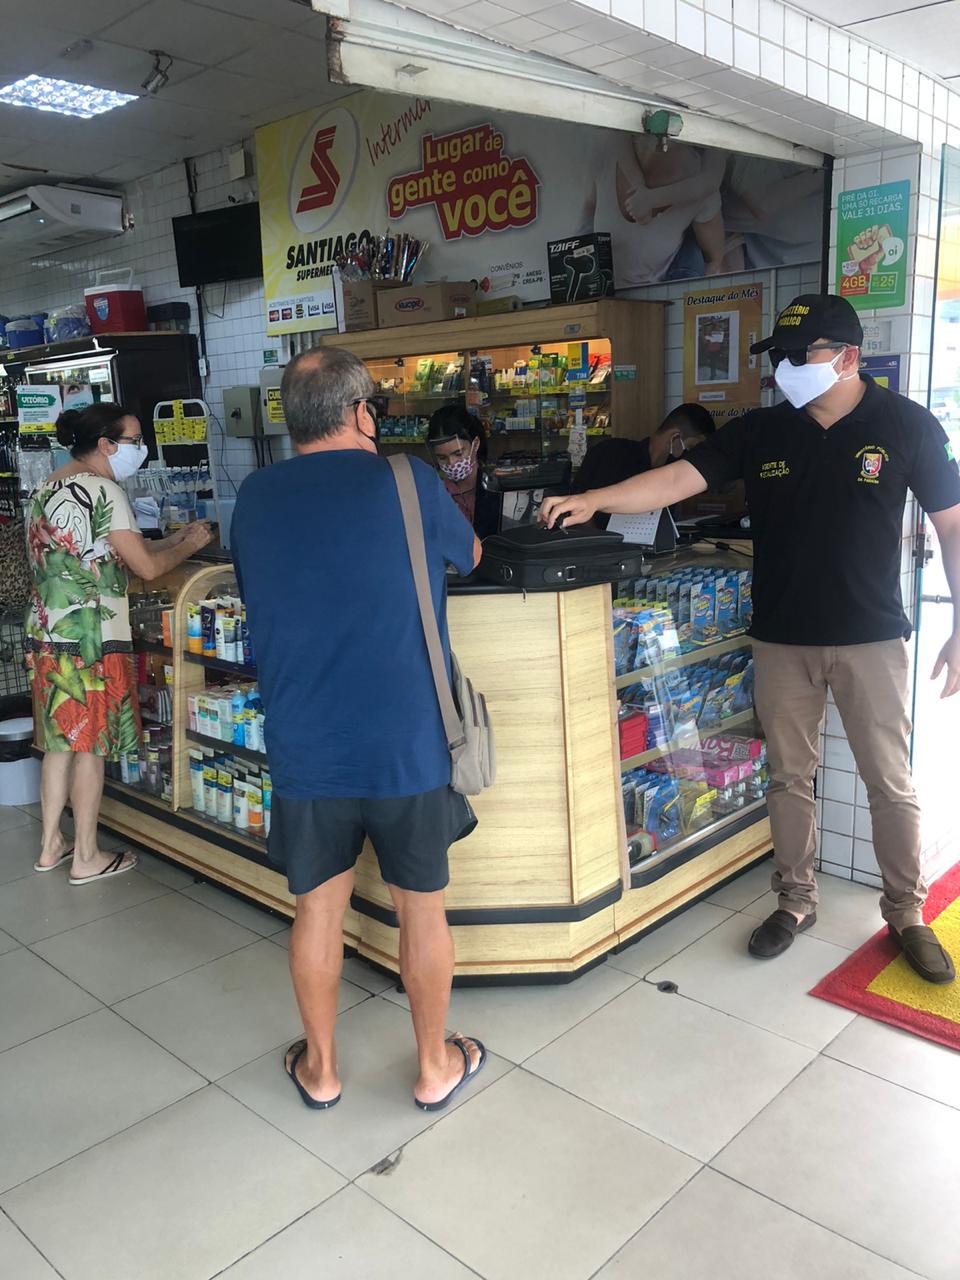 WhatsApp Image 2020 06 19 at 14.17.46 1 - Vigilância Sanitária intensifica fiscalizações em bares e restaurantes de João Pessoa